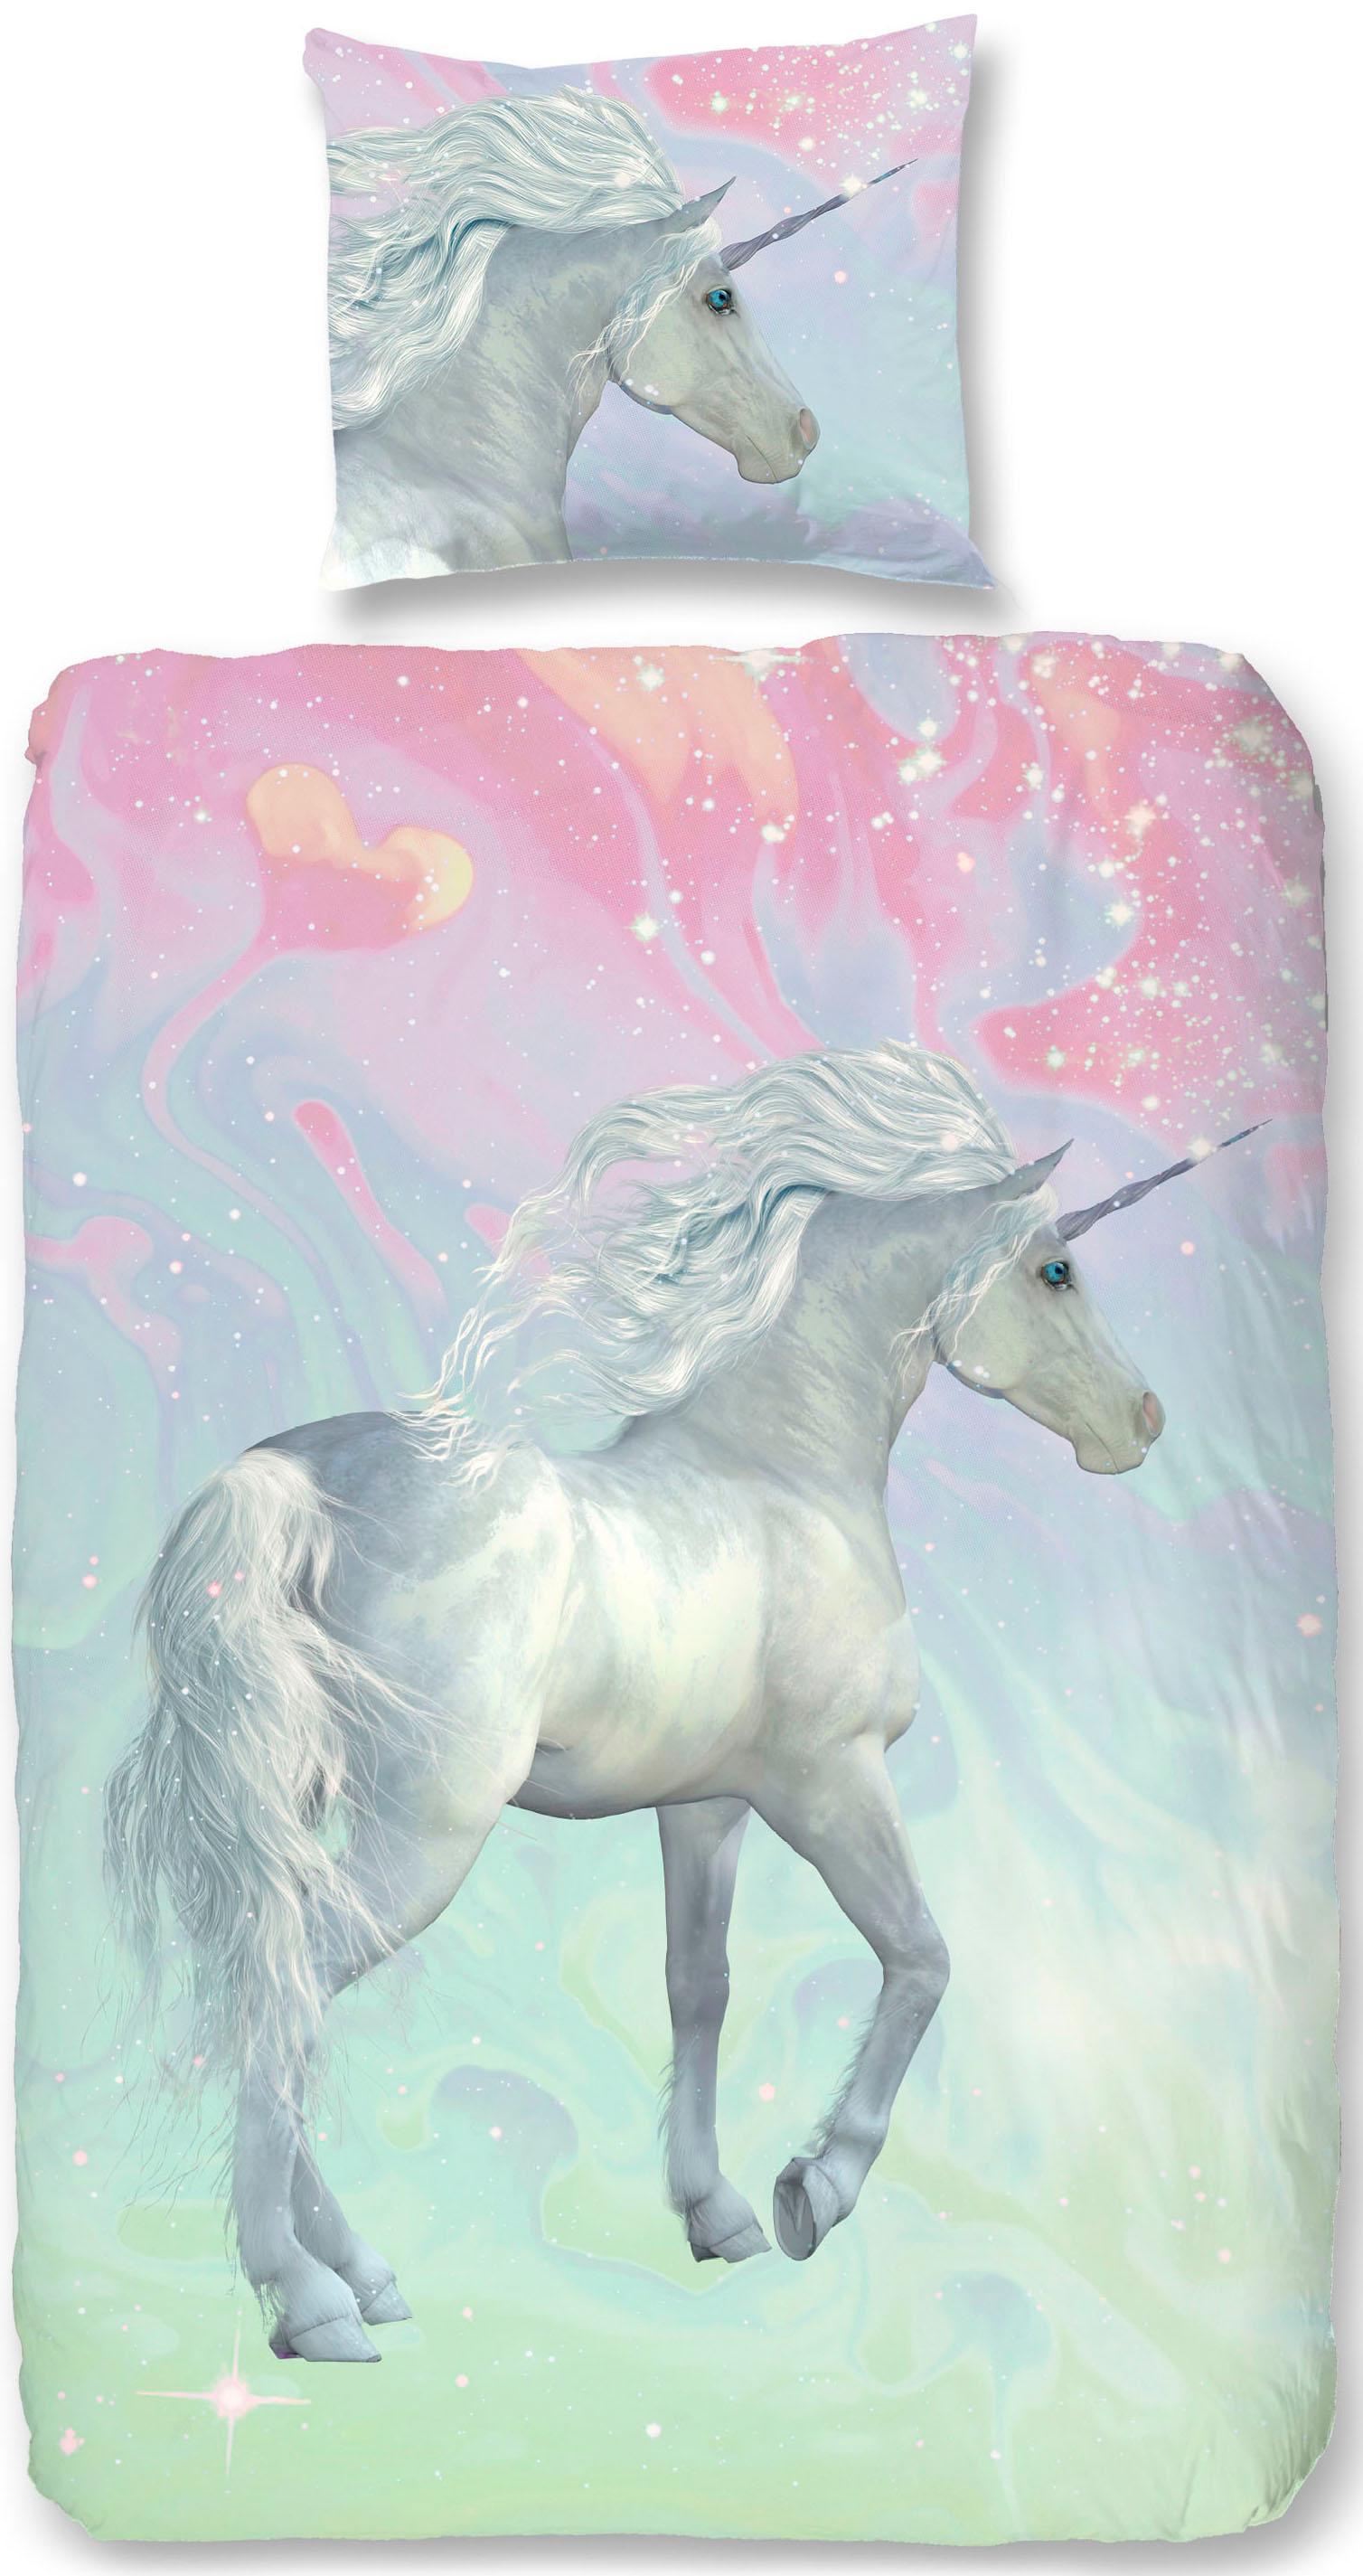 Kinderbettwäsche Unicorn good morning